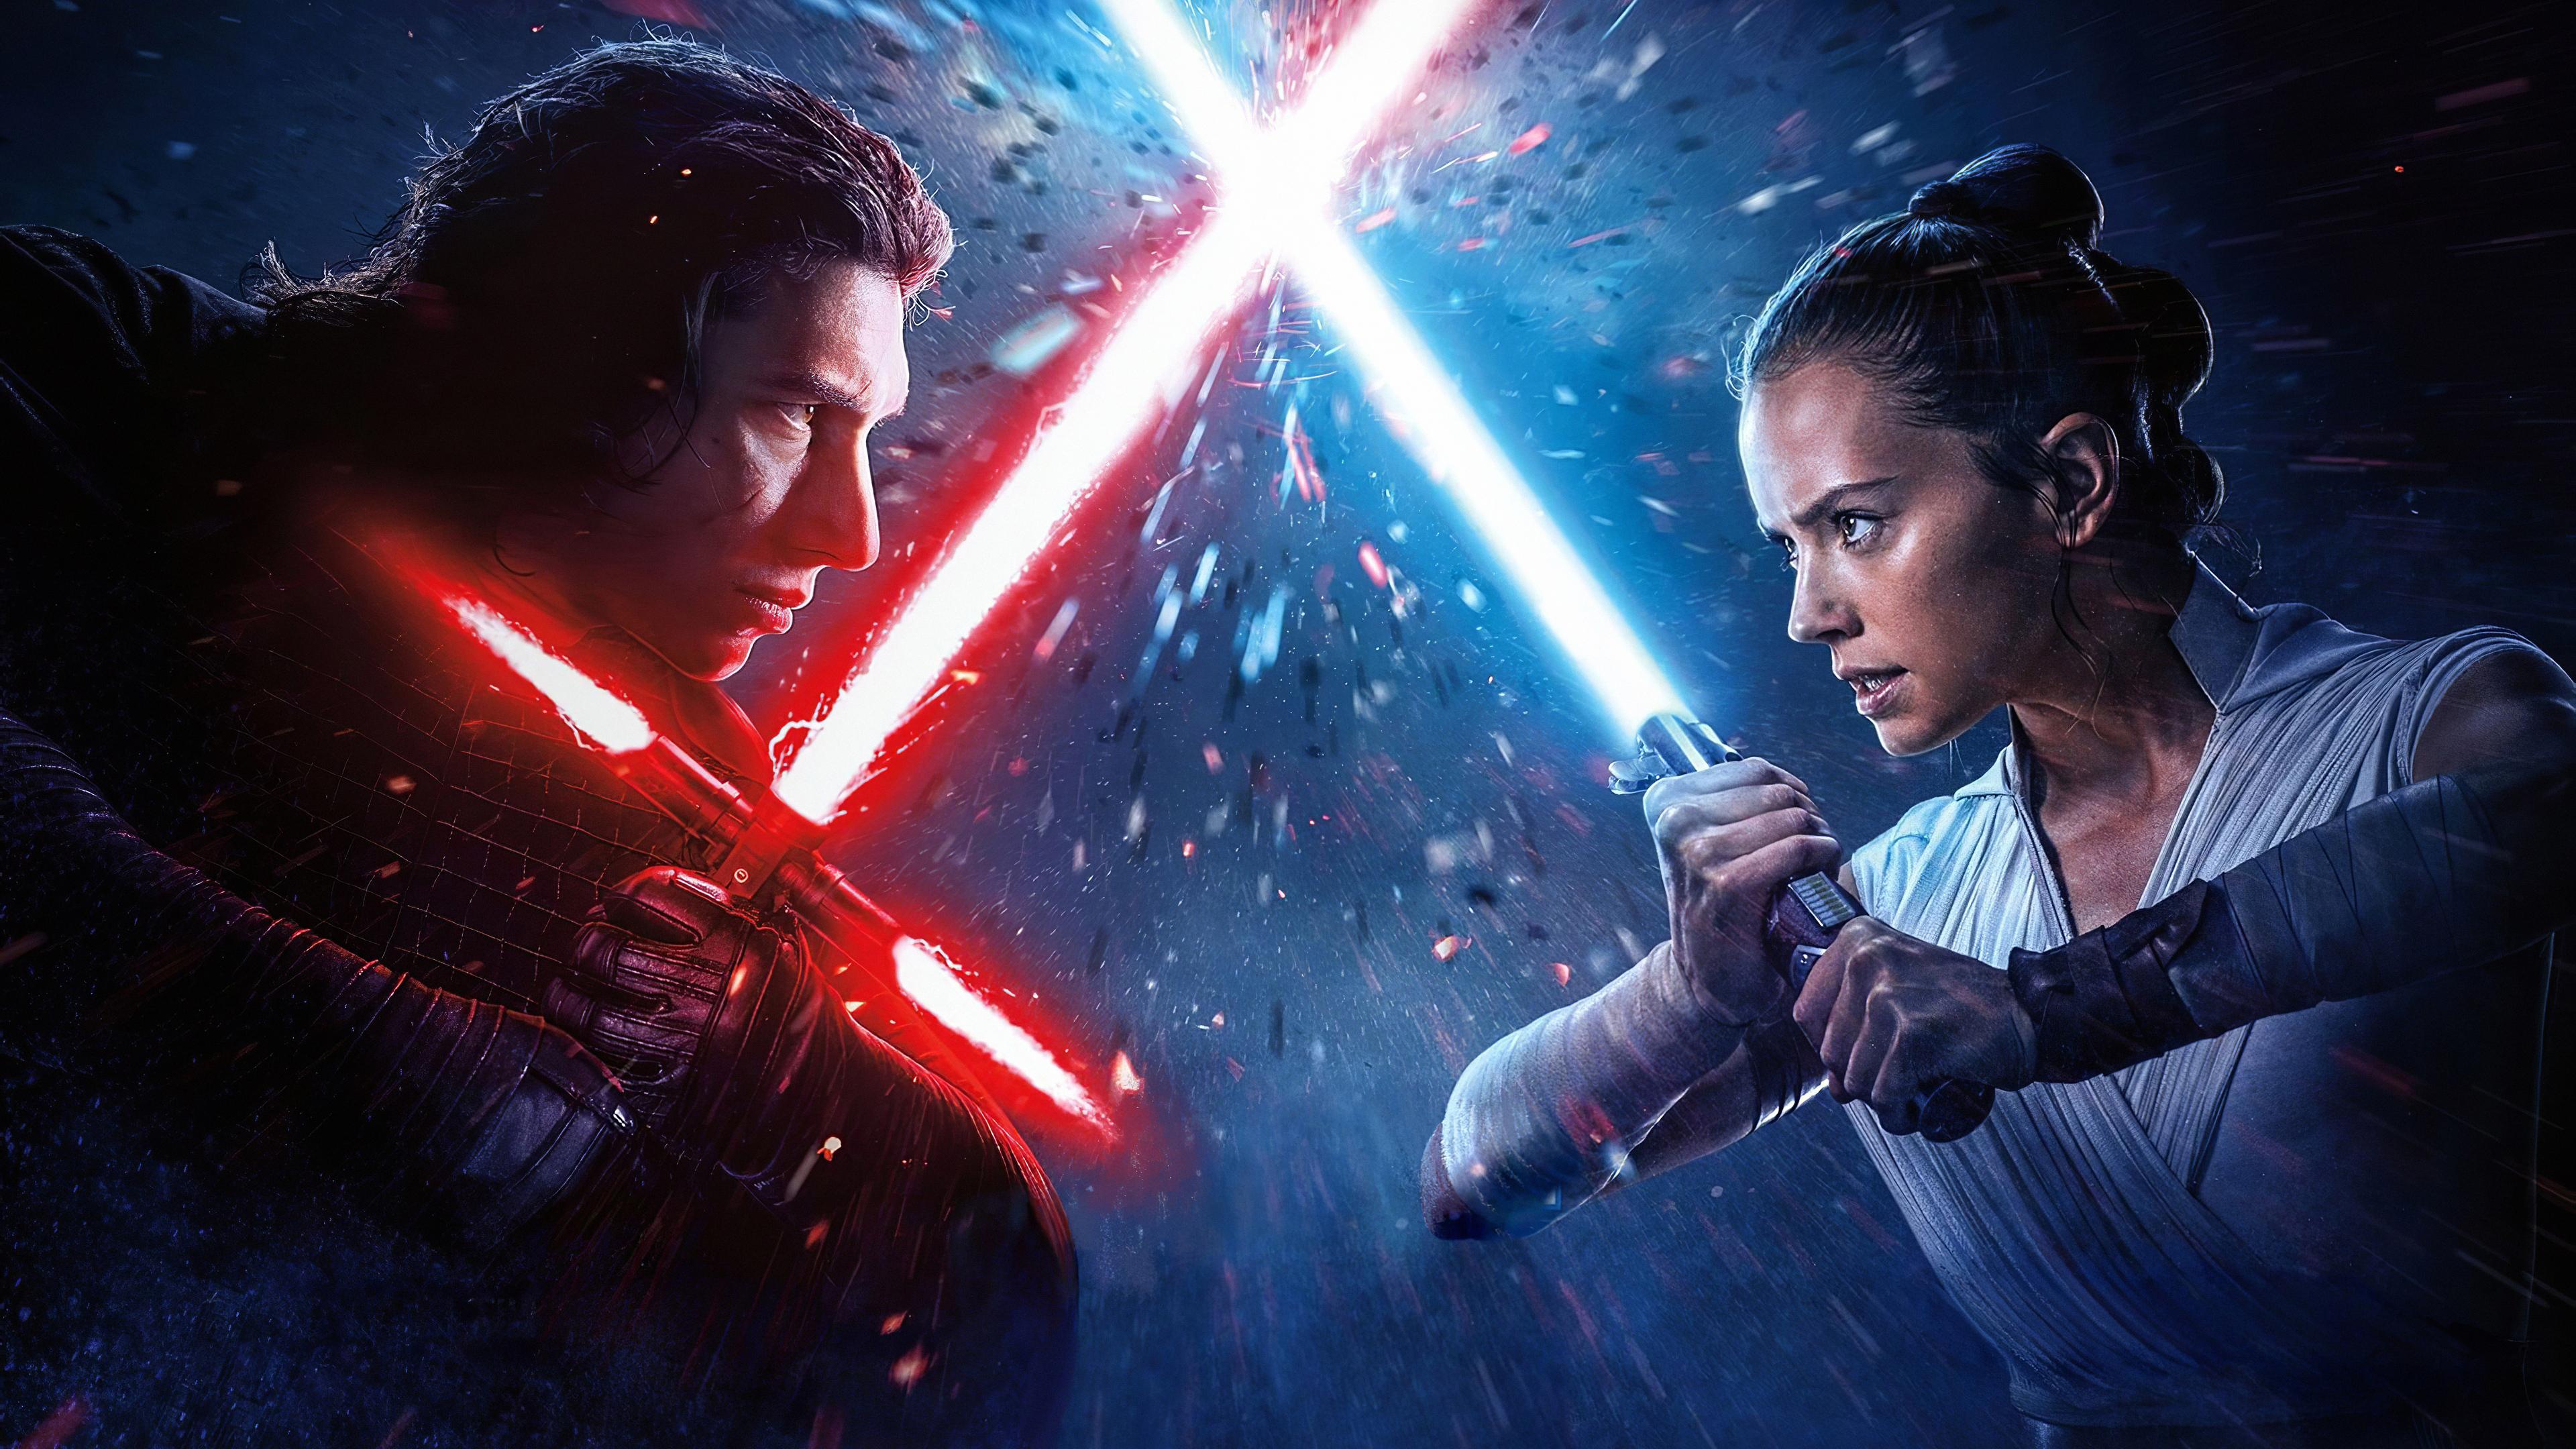 Star Wars Movie4k